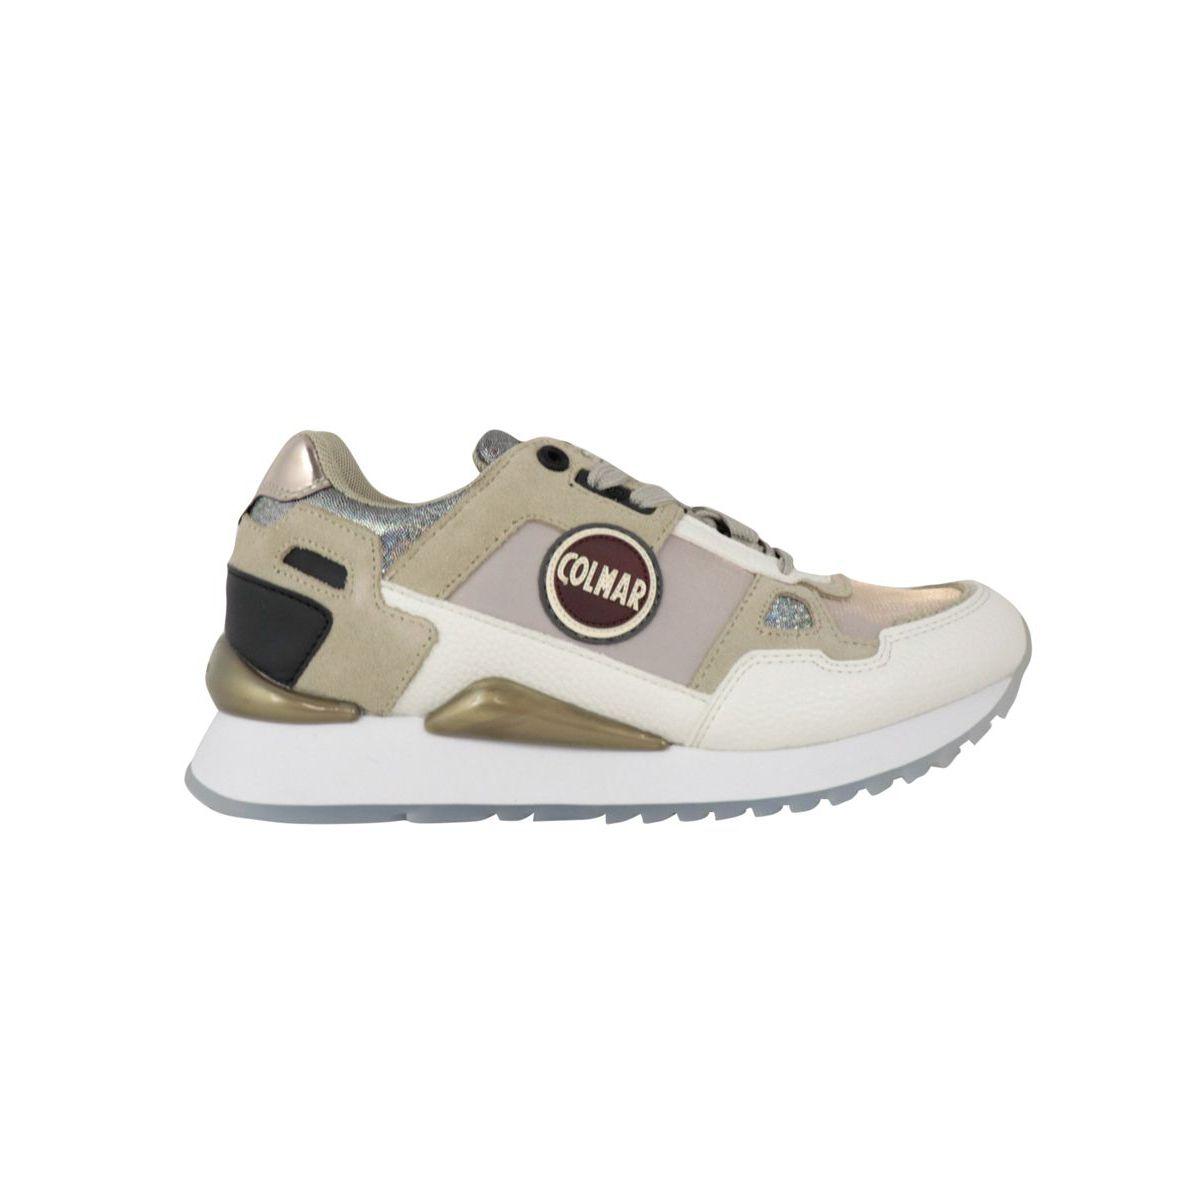 Tayler bi-material sneakers with metallic details Beige Colmar Shoes